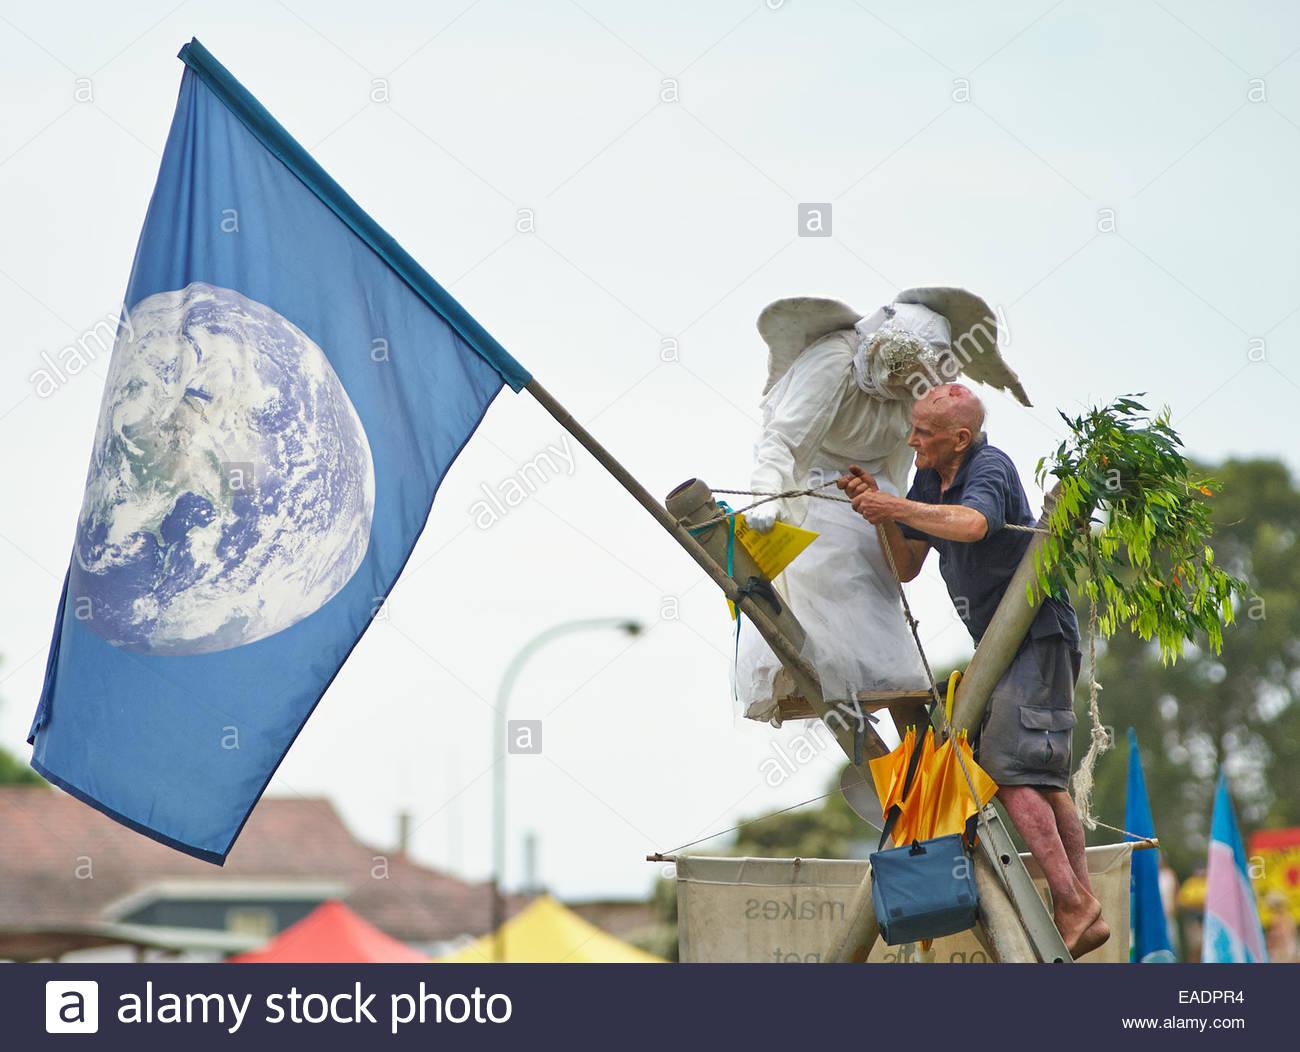 La terra di angelo e di un uomo le funi di legatura sulla cima di un treppiede di bambù al 'gasfield libera Immagini Stock